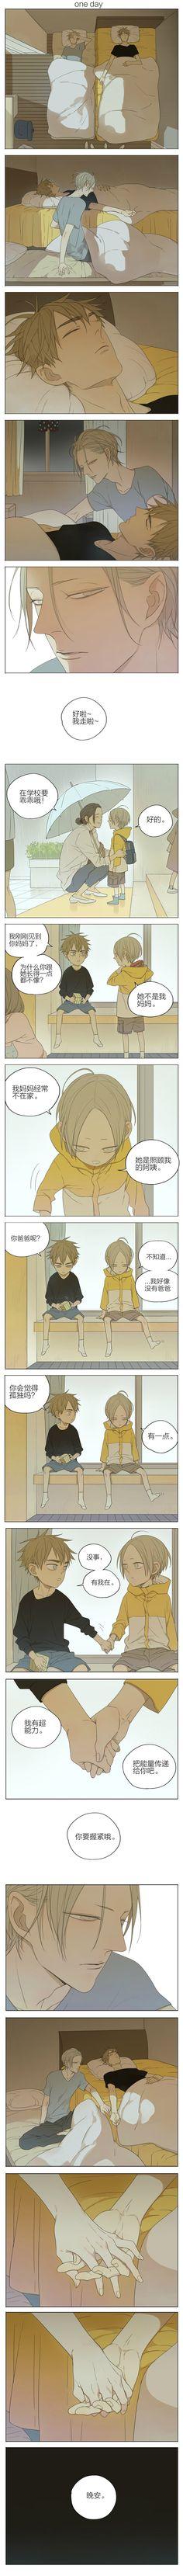 old先漫画专题-19天